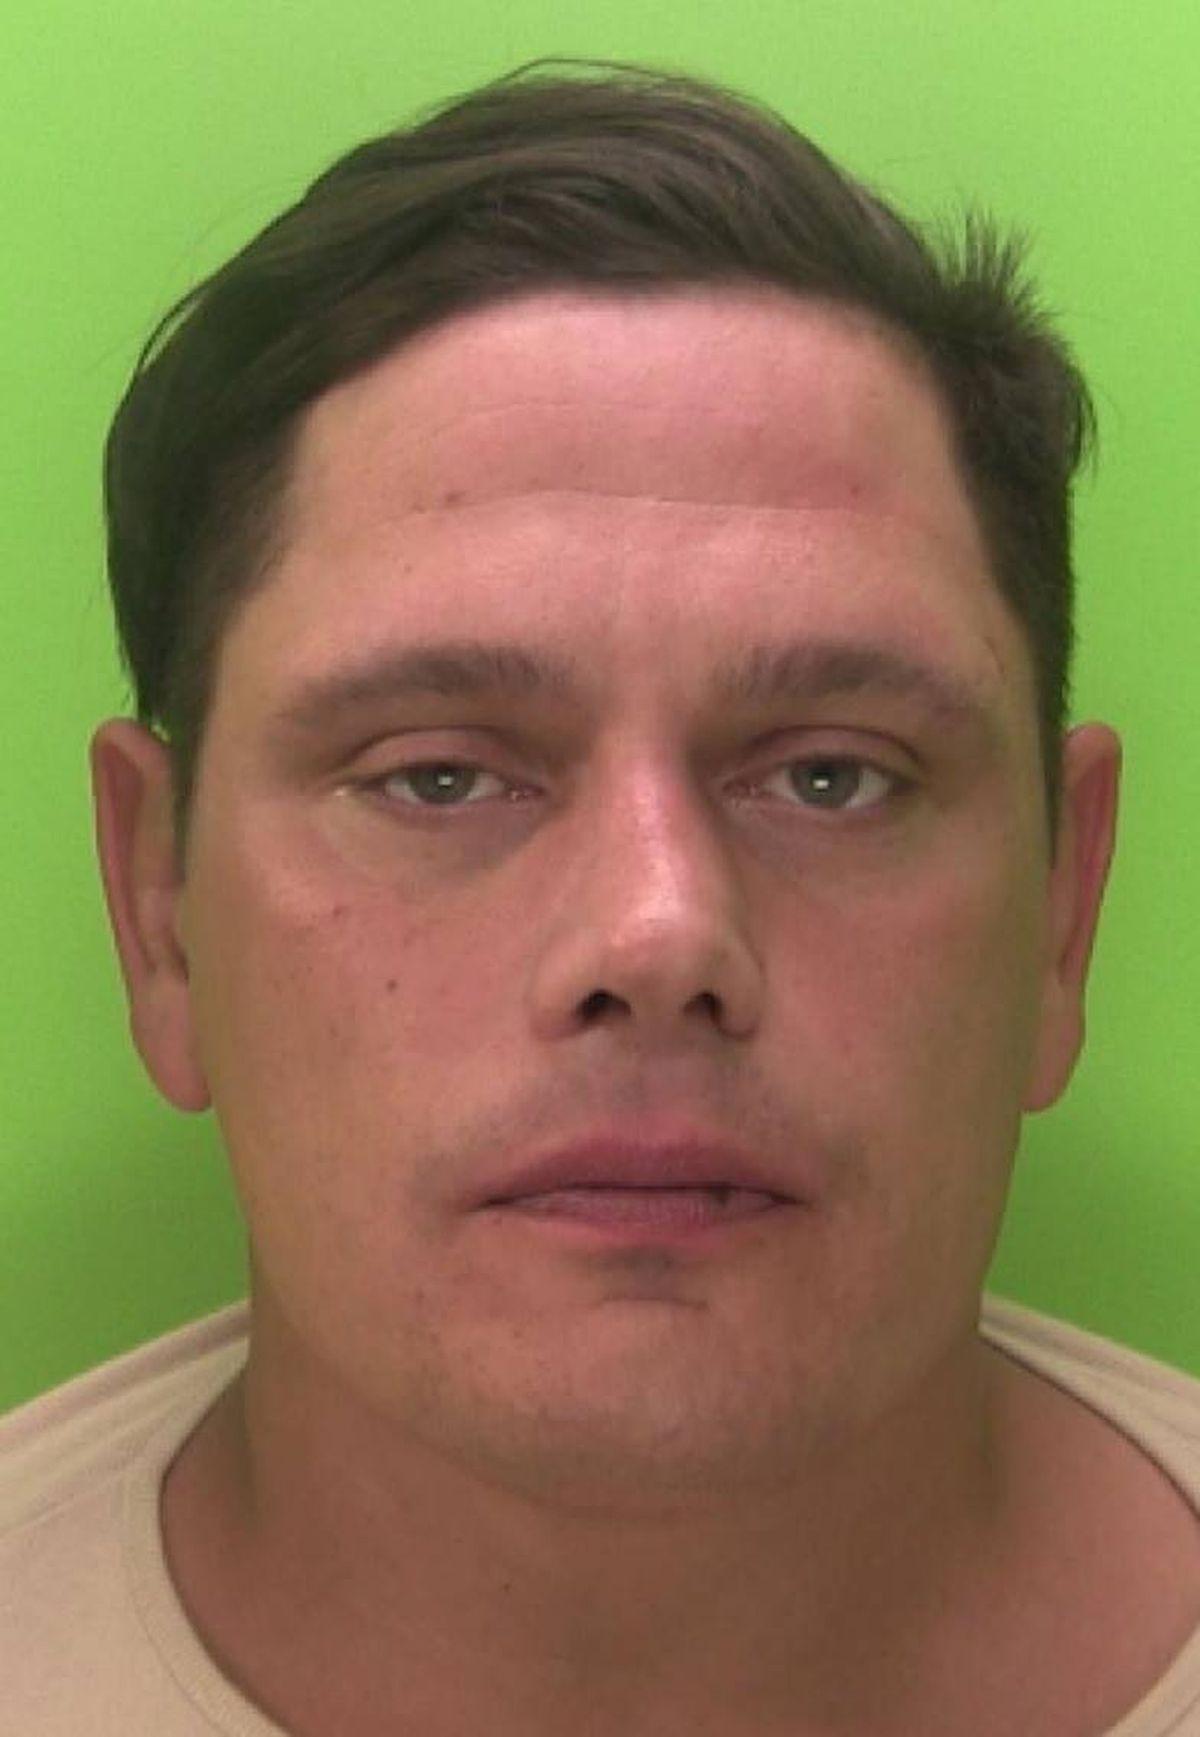 Richard Prendergast murdered 44-year-old Lee Moody in 2018